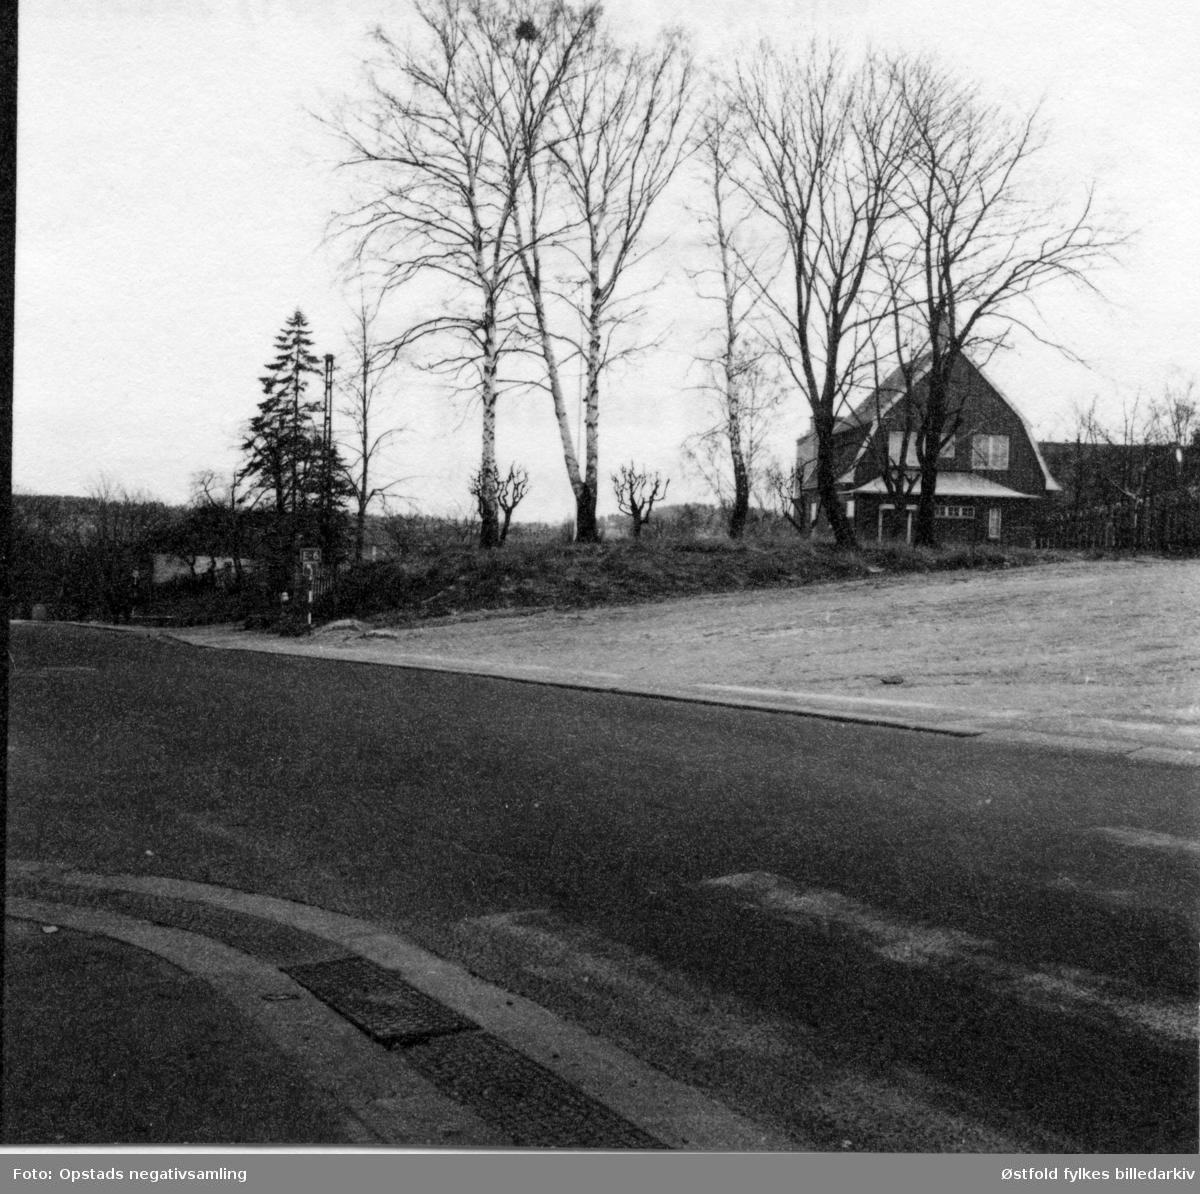 Olavsvollen mot St. Mariegate i Sarpsborg, fotografert 1960-årene.  i bakgrunnen Borregaardsveien 3.